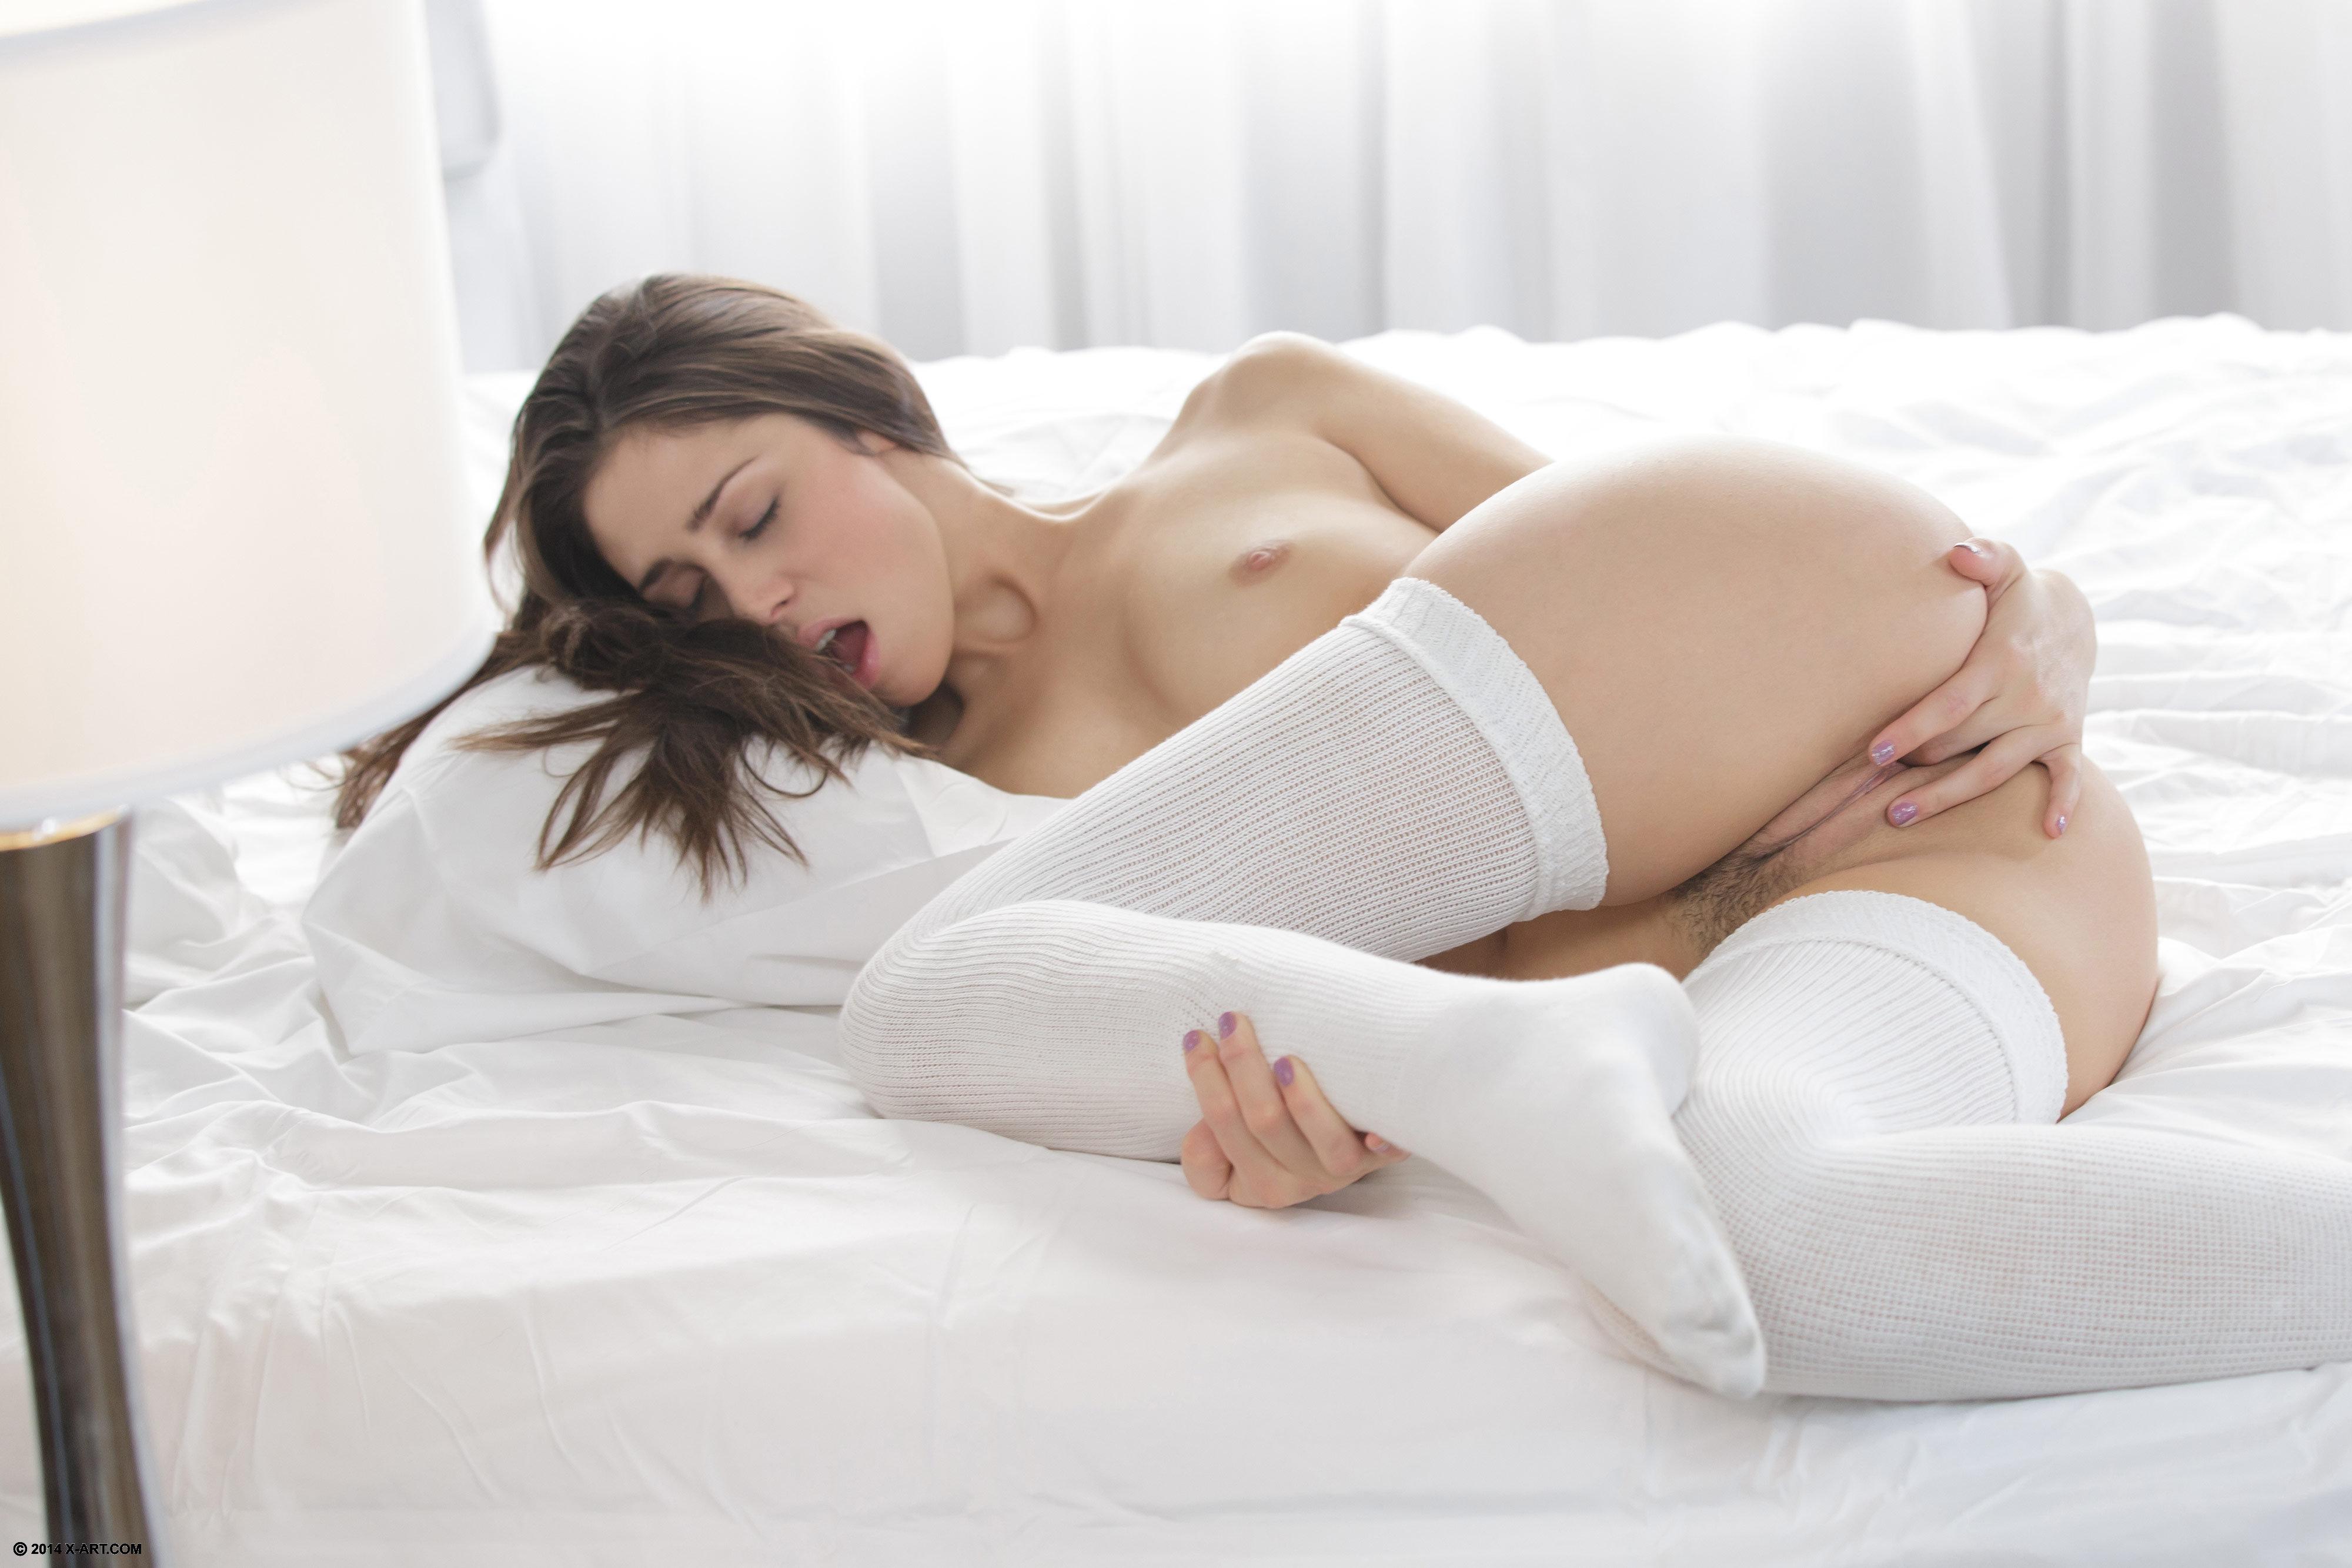 White stocking solo